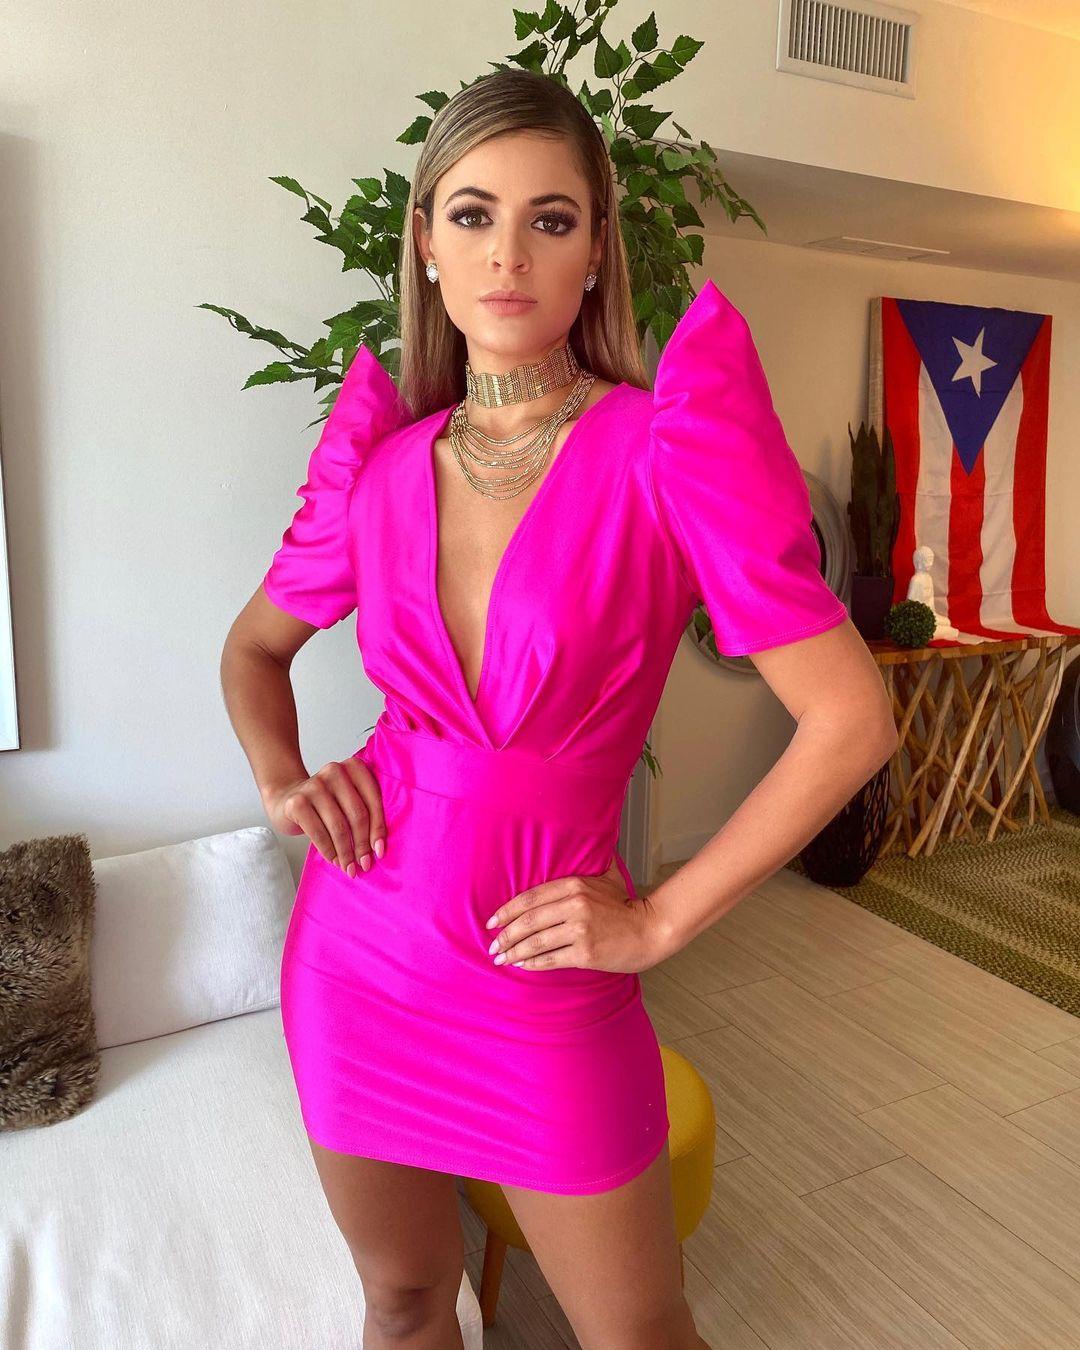 krystal badillo, miss earth puerto rico 2020. - Página 4 Krysta25